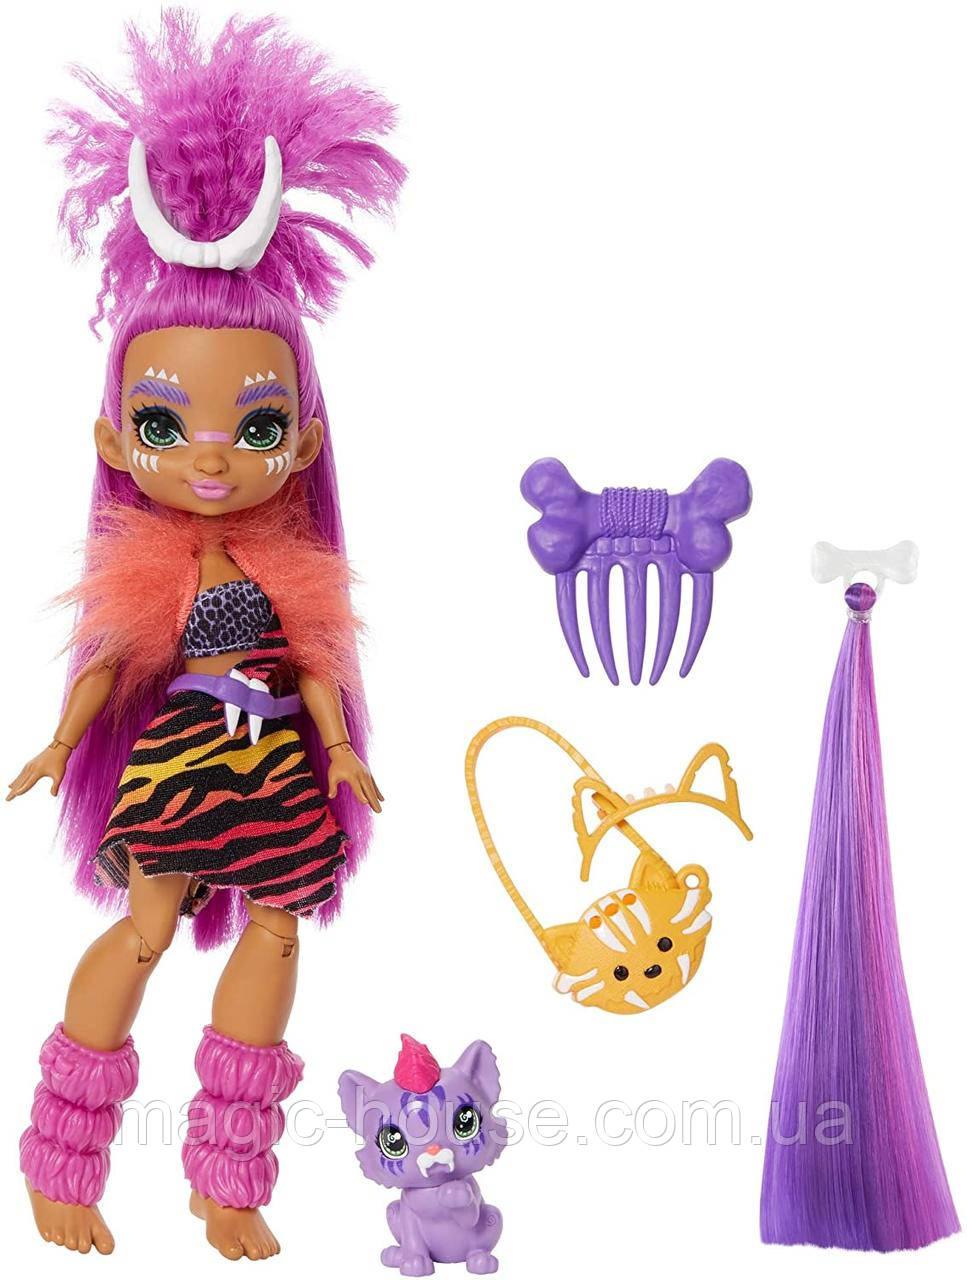 Кукла Роралея и тигренок Ферелл Пещерный клуб 25 см Cave Club Roaralai Doll Mattel